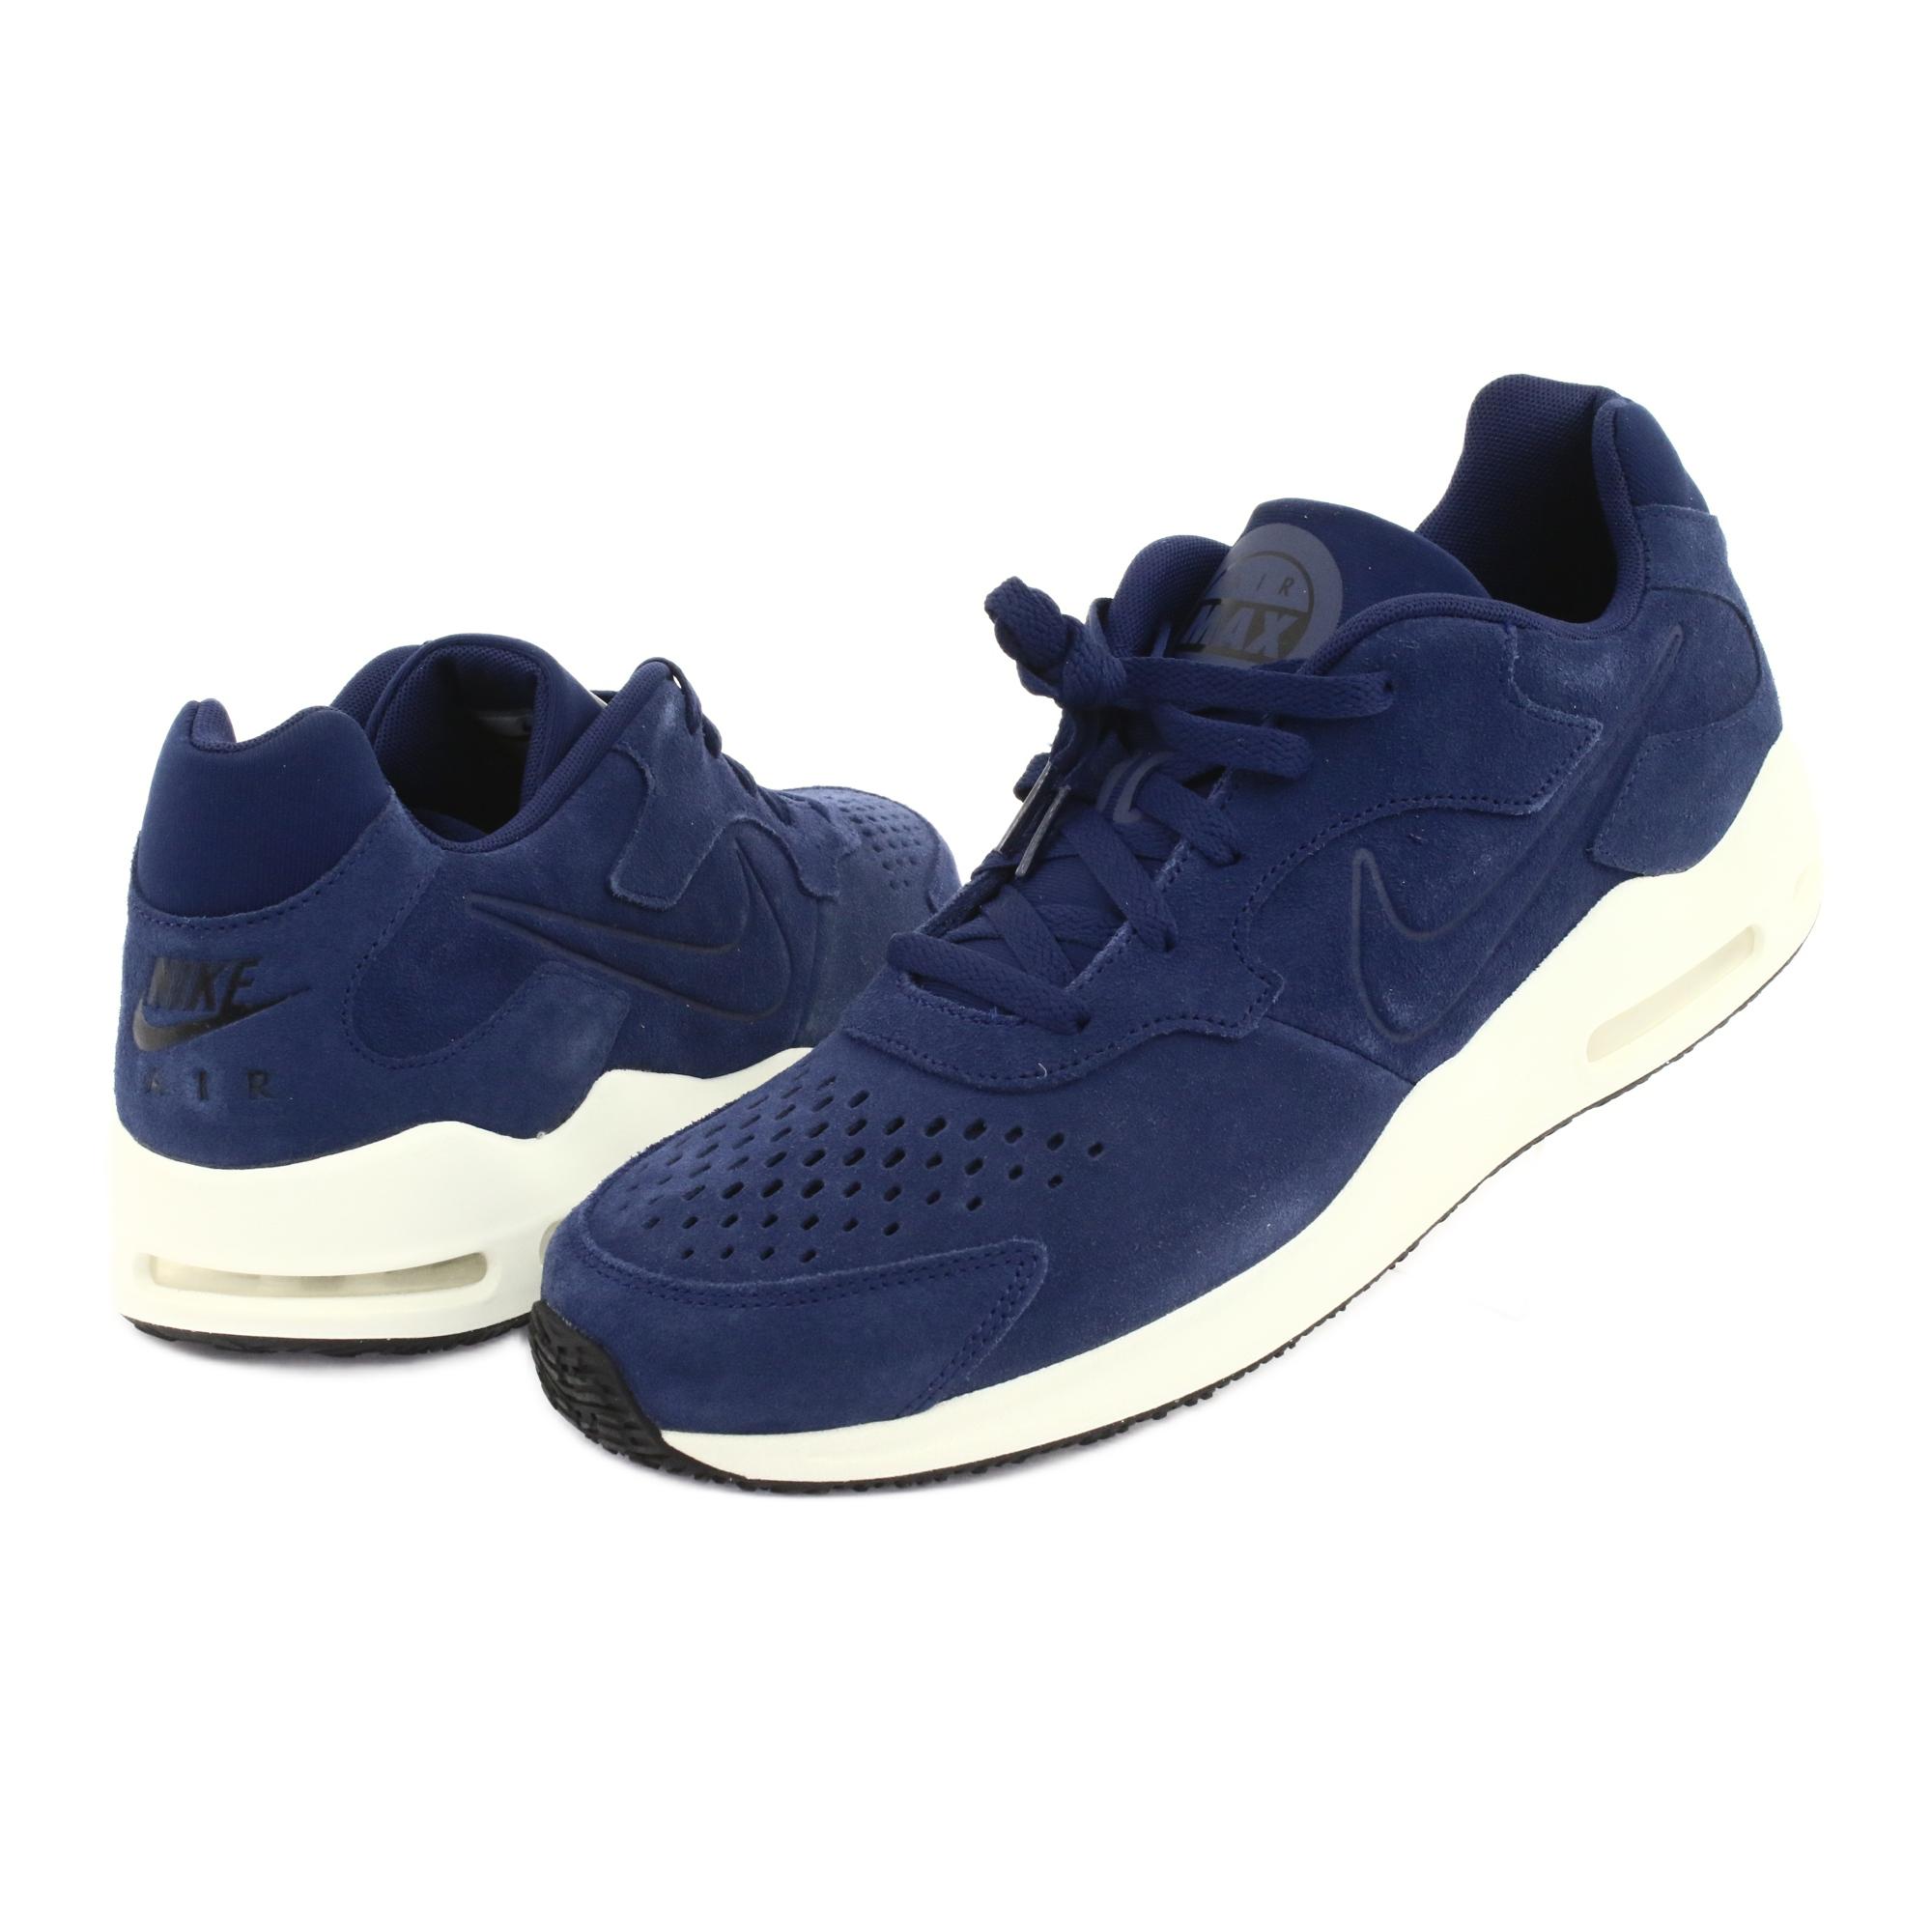 Buty Nike Air Max Guile Prime M 916770 400 niebieskie